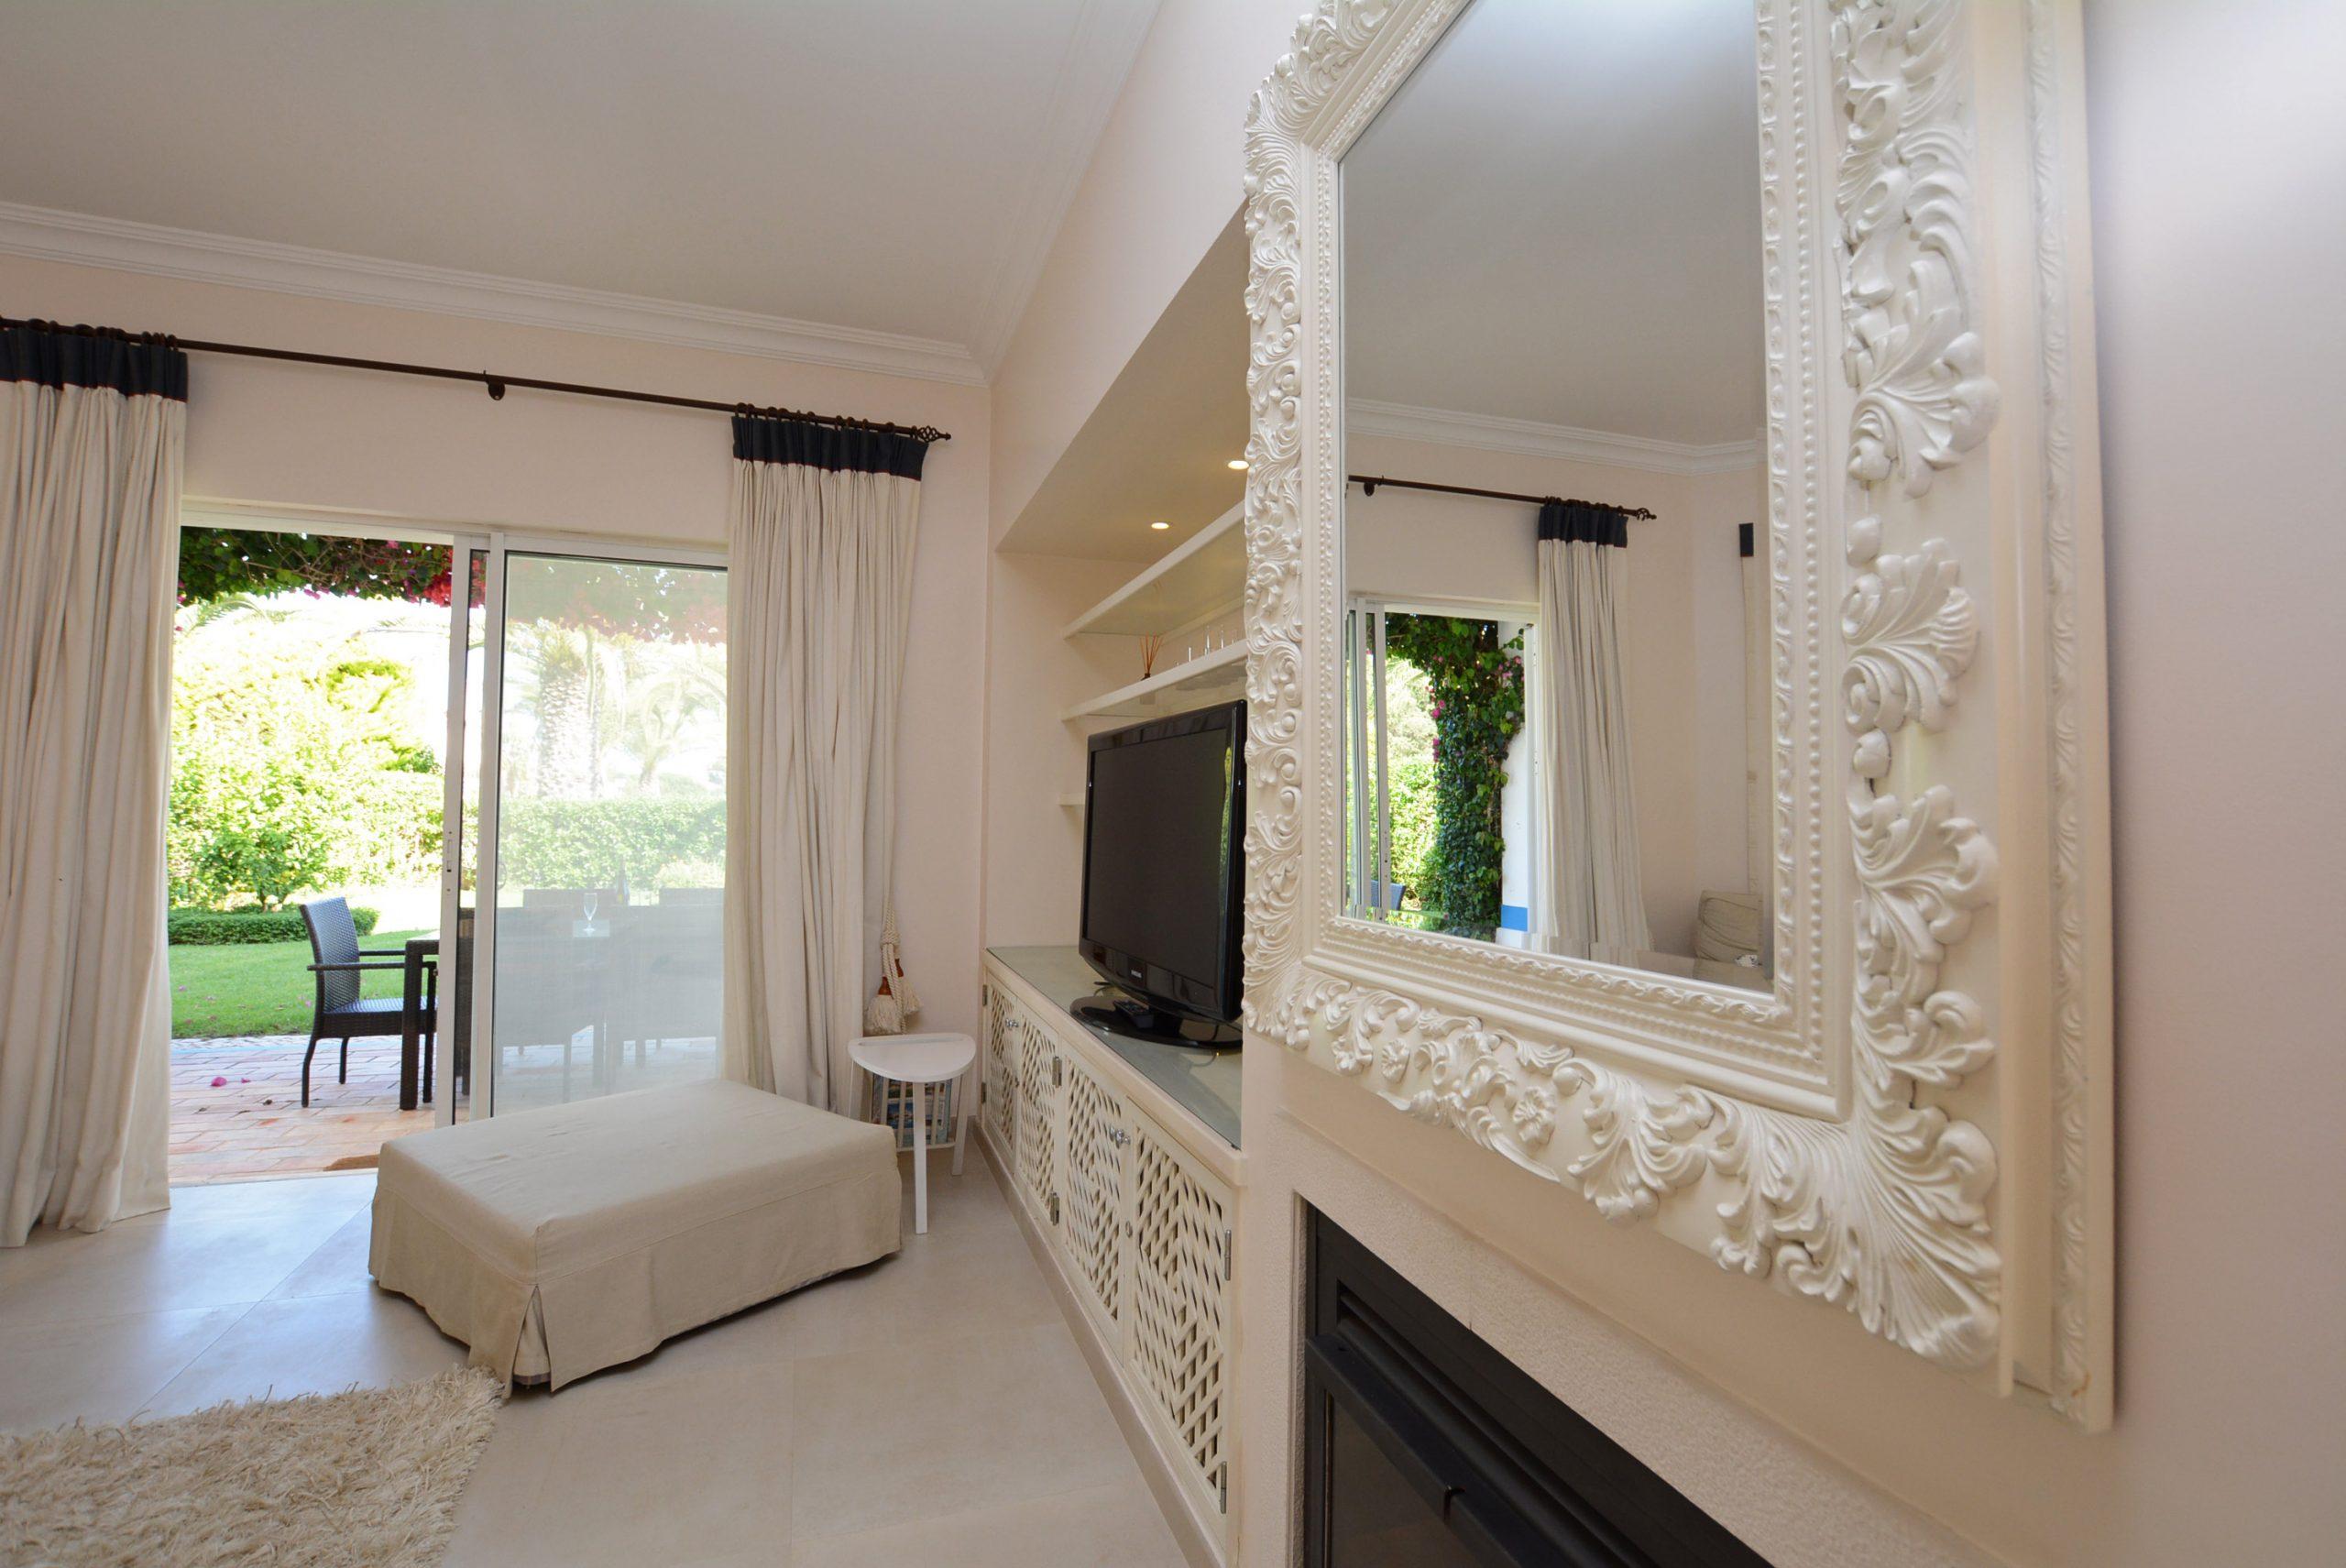 2 Bedroom Apartment for sale in Encosta do Lago, Quinta do Lago (6)